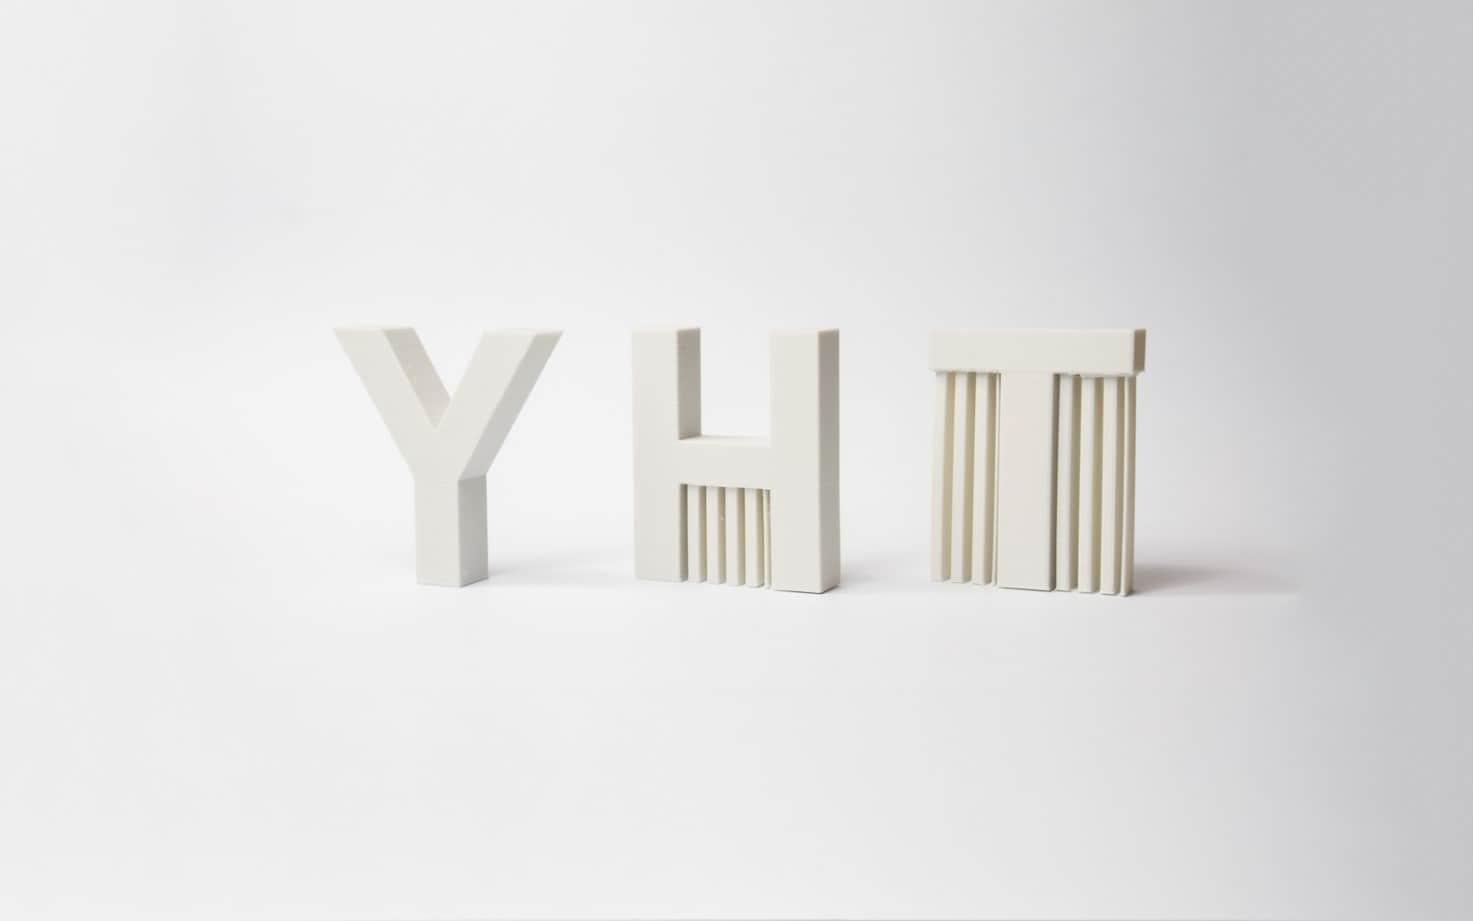 مدل های سه بعدی حروف  Y ، H  و T را به عنوان نمونه در نظر بگیرید.